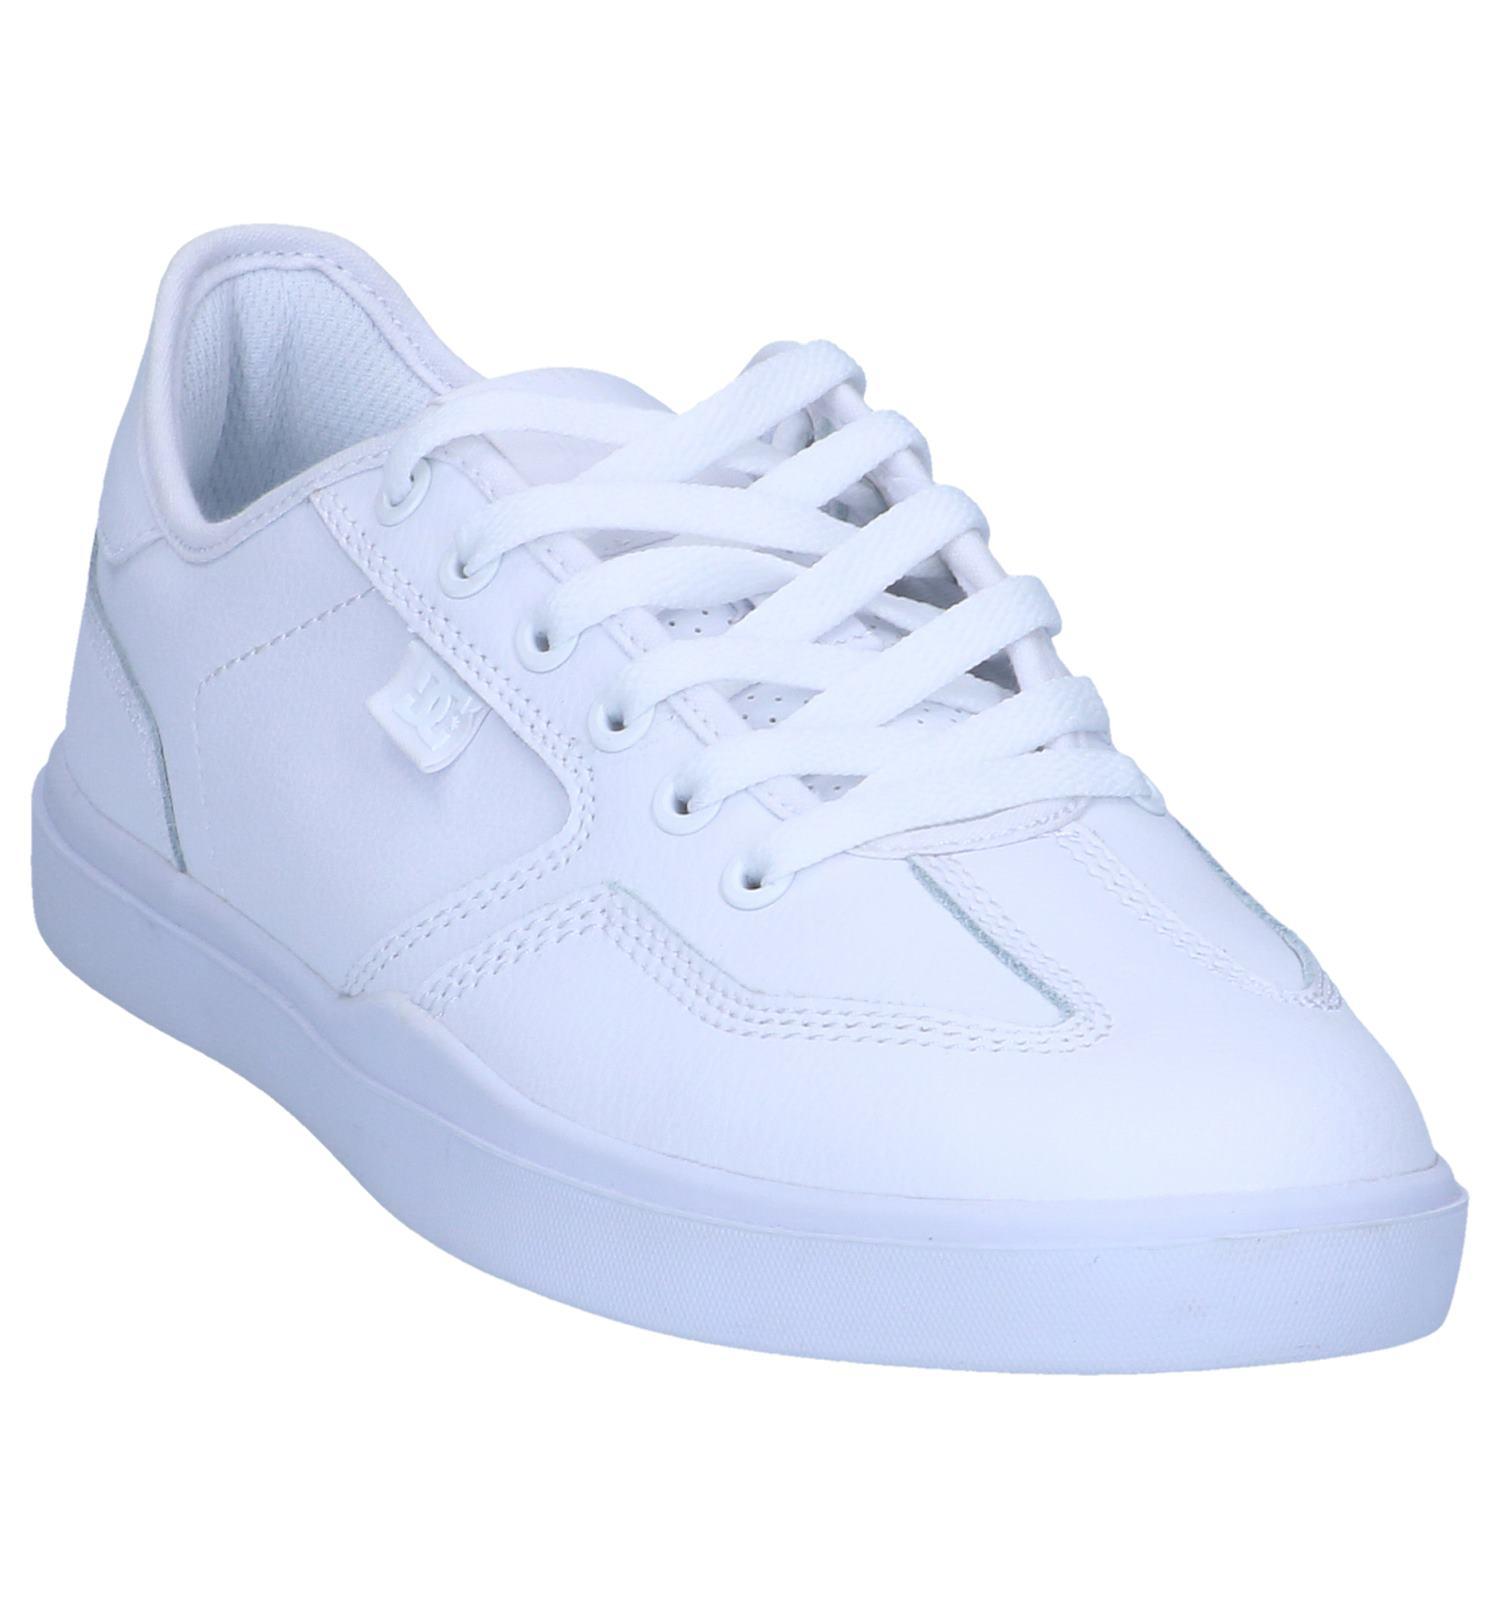 Witte Witte Vestrey Shoes Dc Shoes Skateschoenen Dc Vestrey Skateschoenen Witte Skateschoenen Dc qzVpSUM